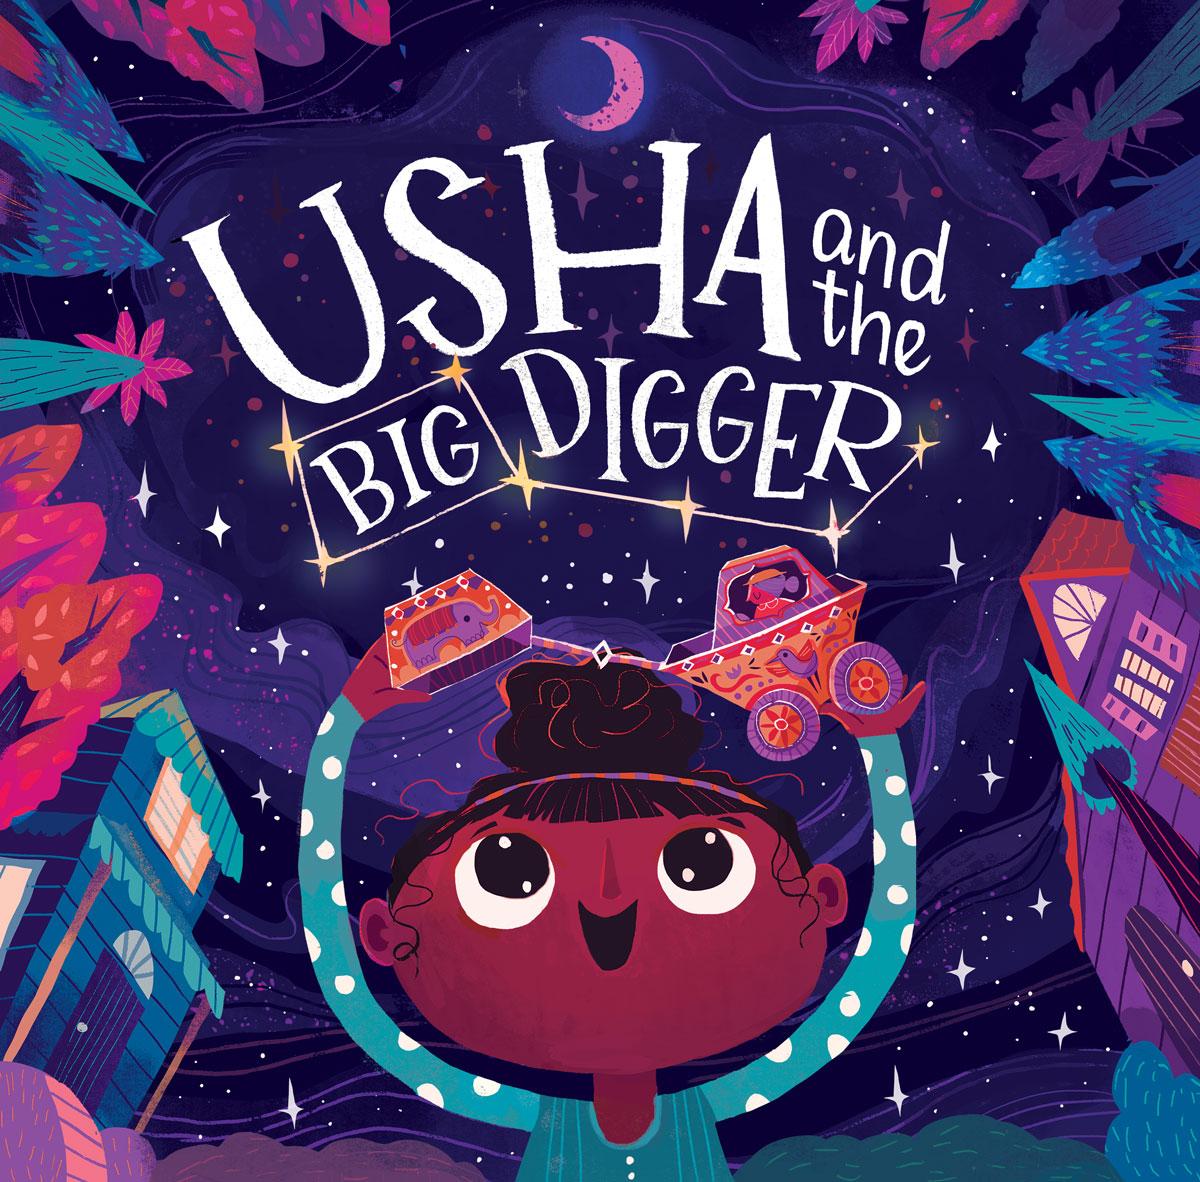 GirlsclubAsia-Illustrator-Sandhya-Prabhat-Usha_Usha_Cover-2